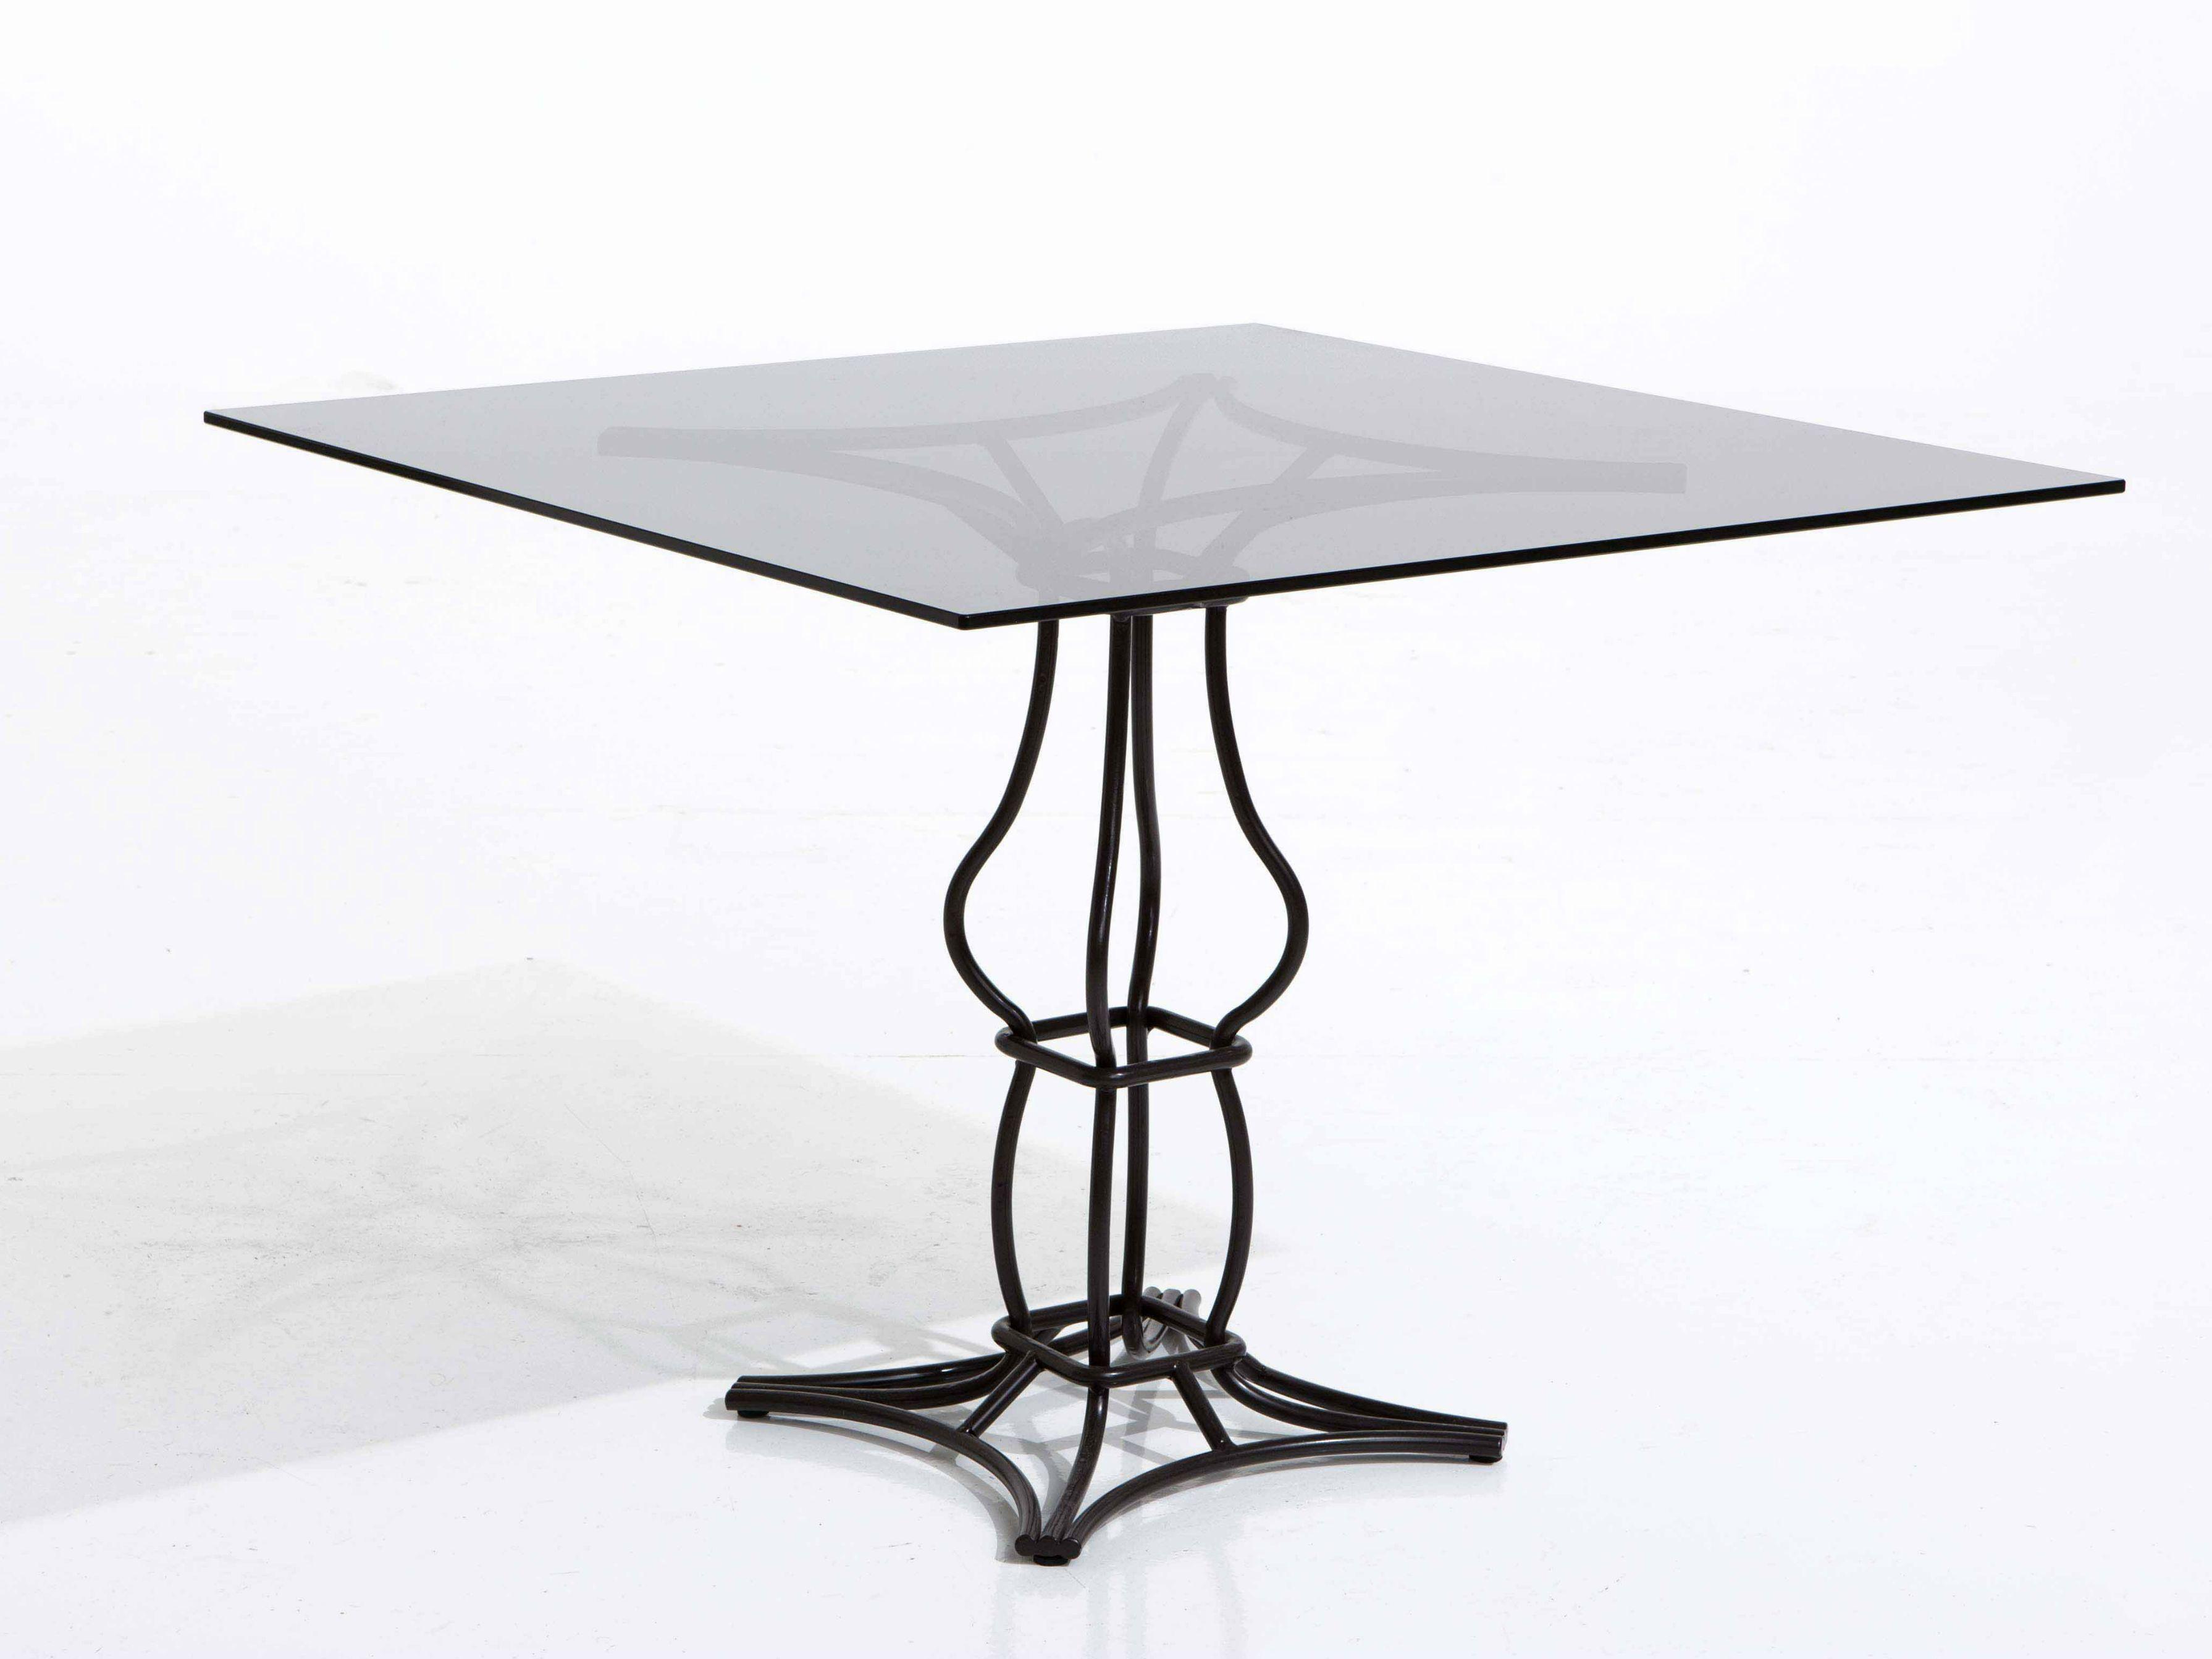 mesa jardim quadrada:Mesa de jantar quadrada de ferro para jardim SIRIO